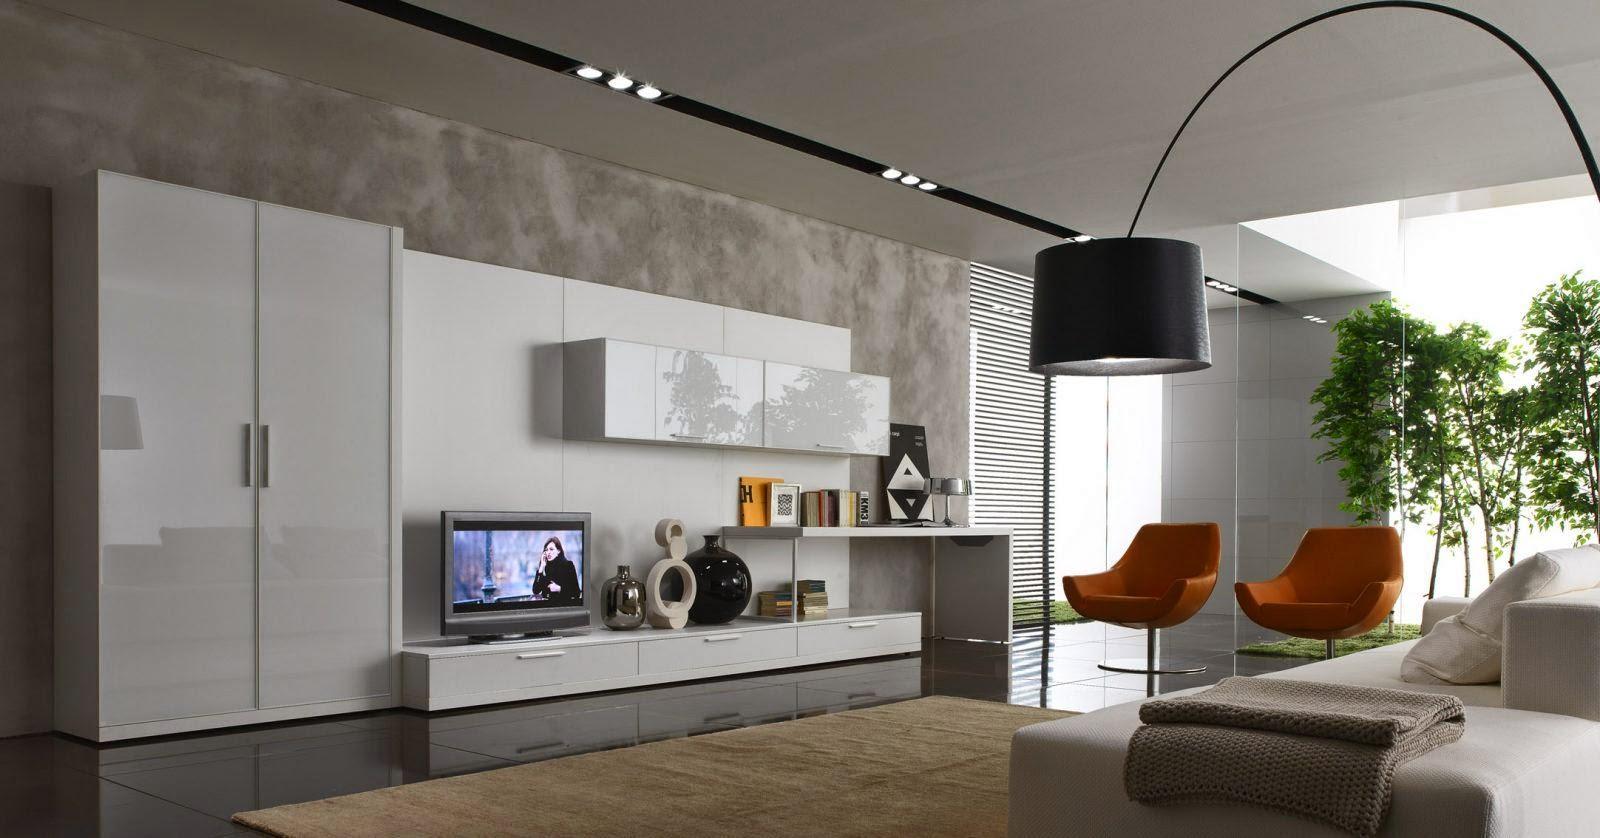 Minimalismo thays diandra arquiteta boa vista roraima for Ambientes minimalistas interiores